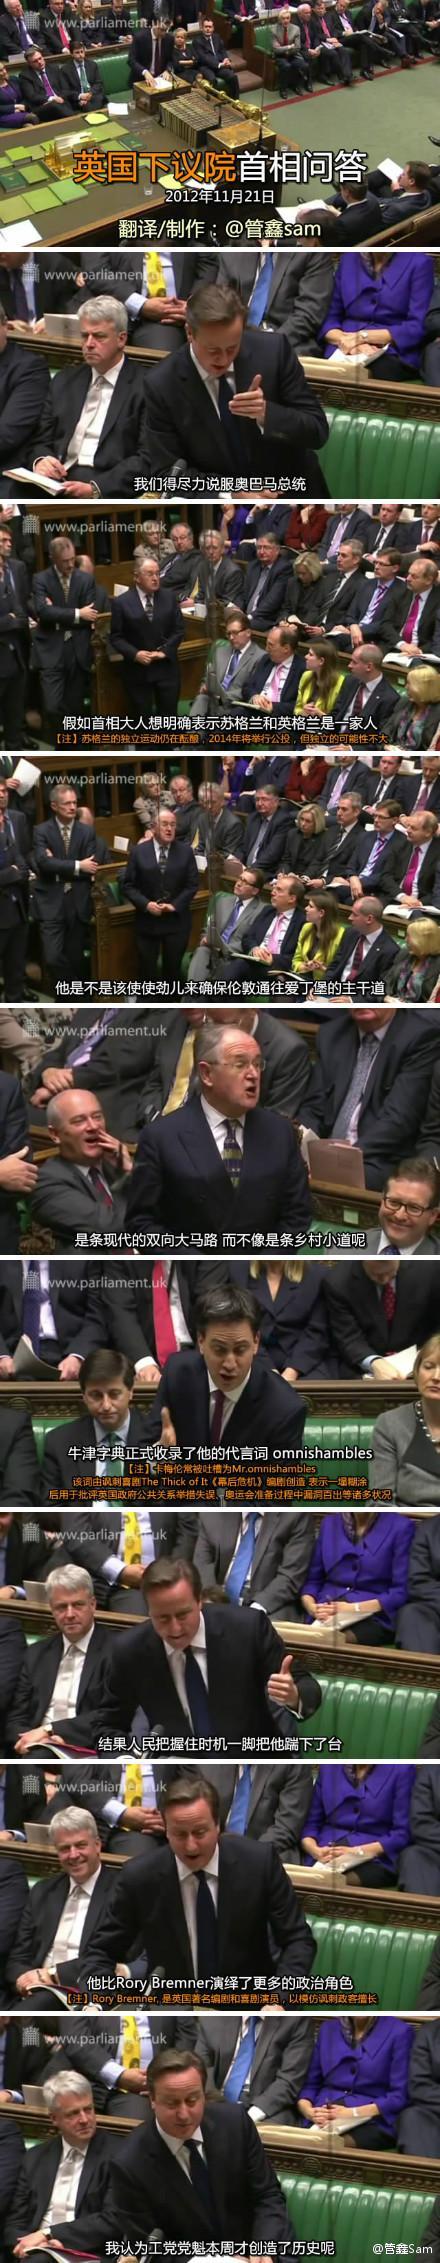 英国下议院首相问答 2012.11.21 【英国议会德云社感恩节专场】